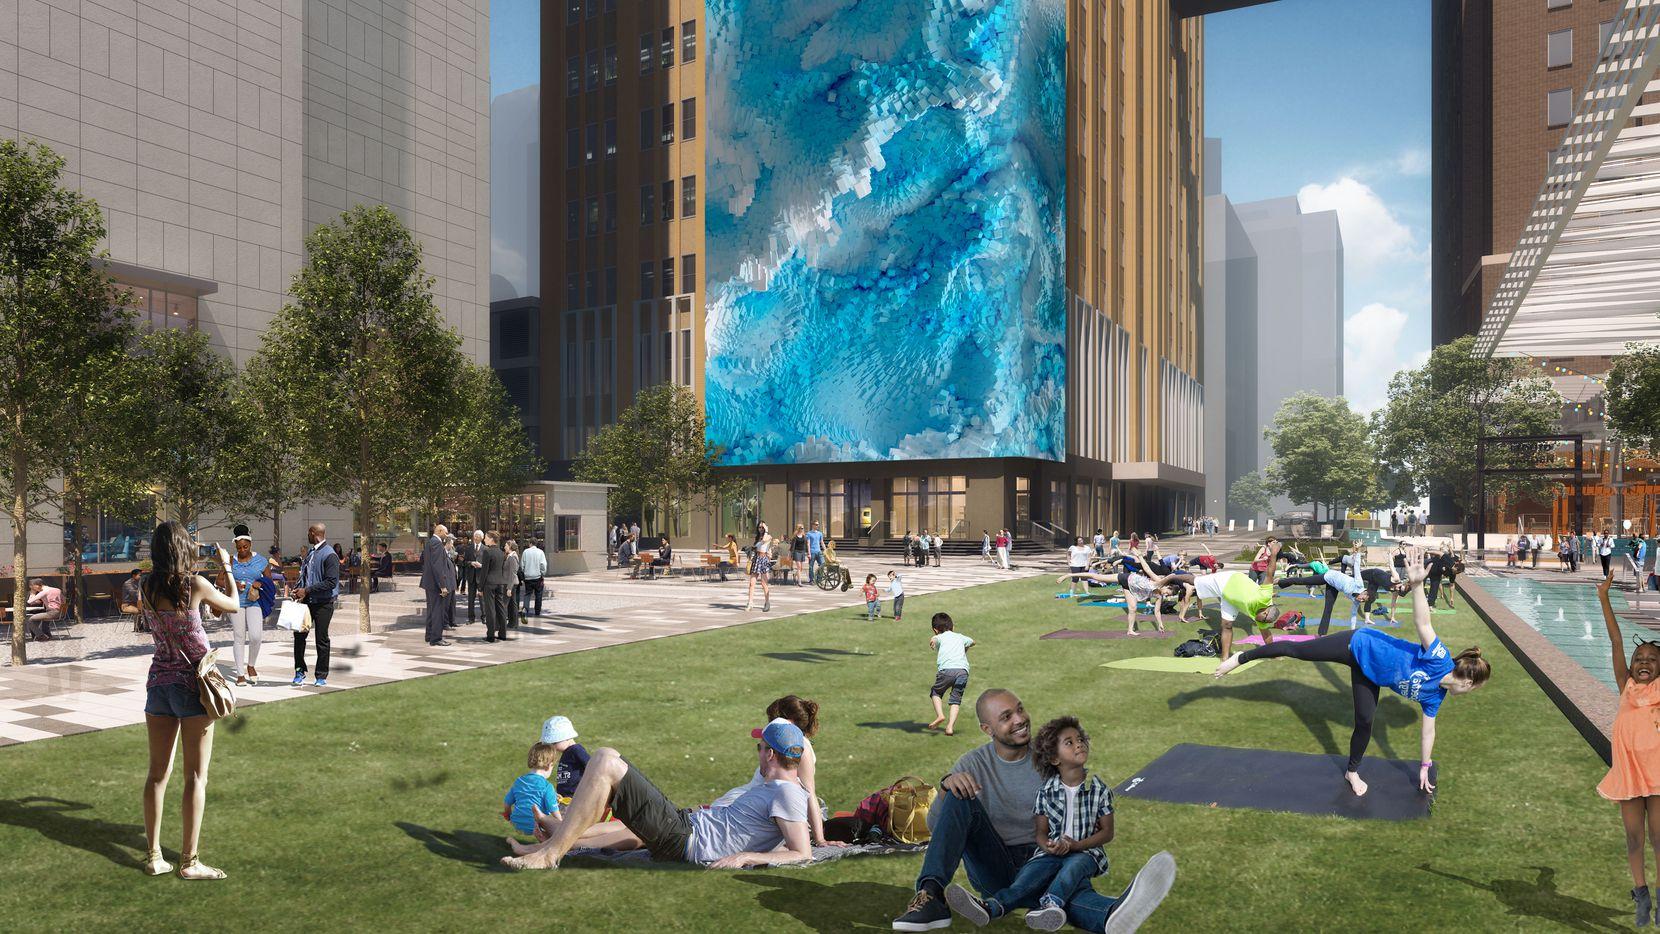 La plaza pública del cuartel corporativo de la compañía AT&T en el centro de Dallas.